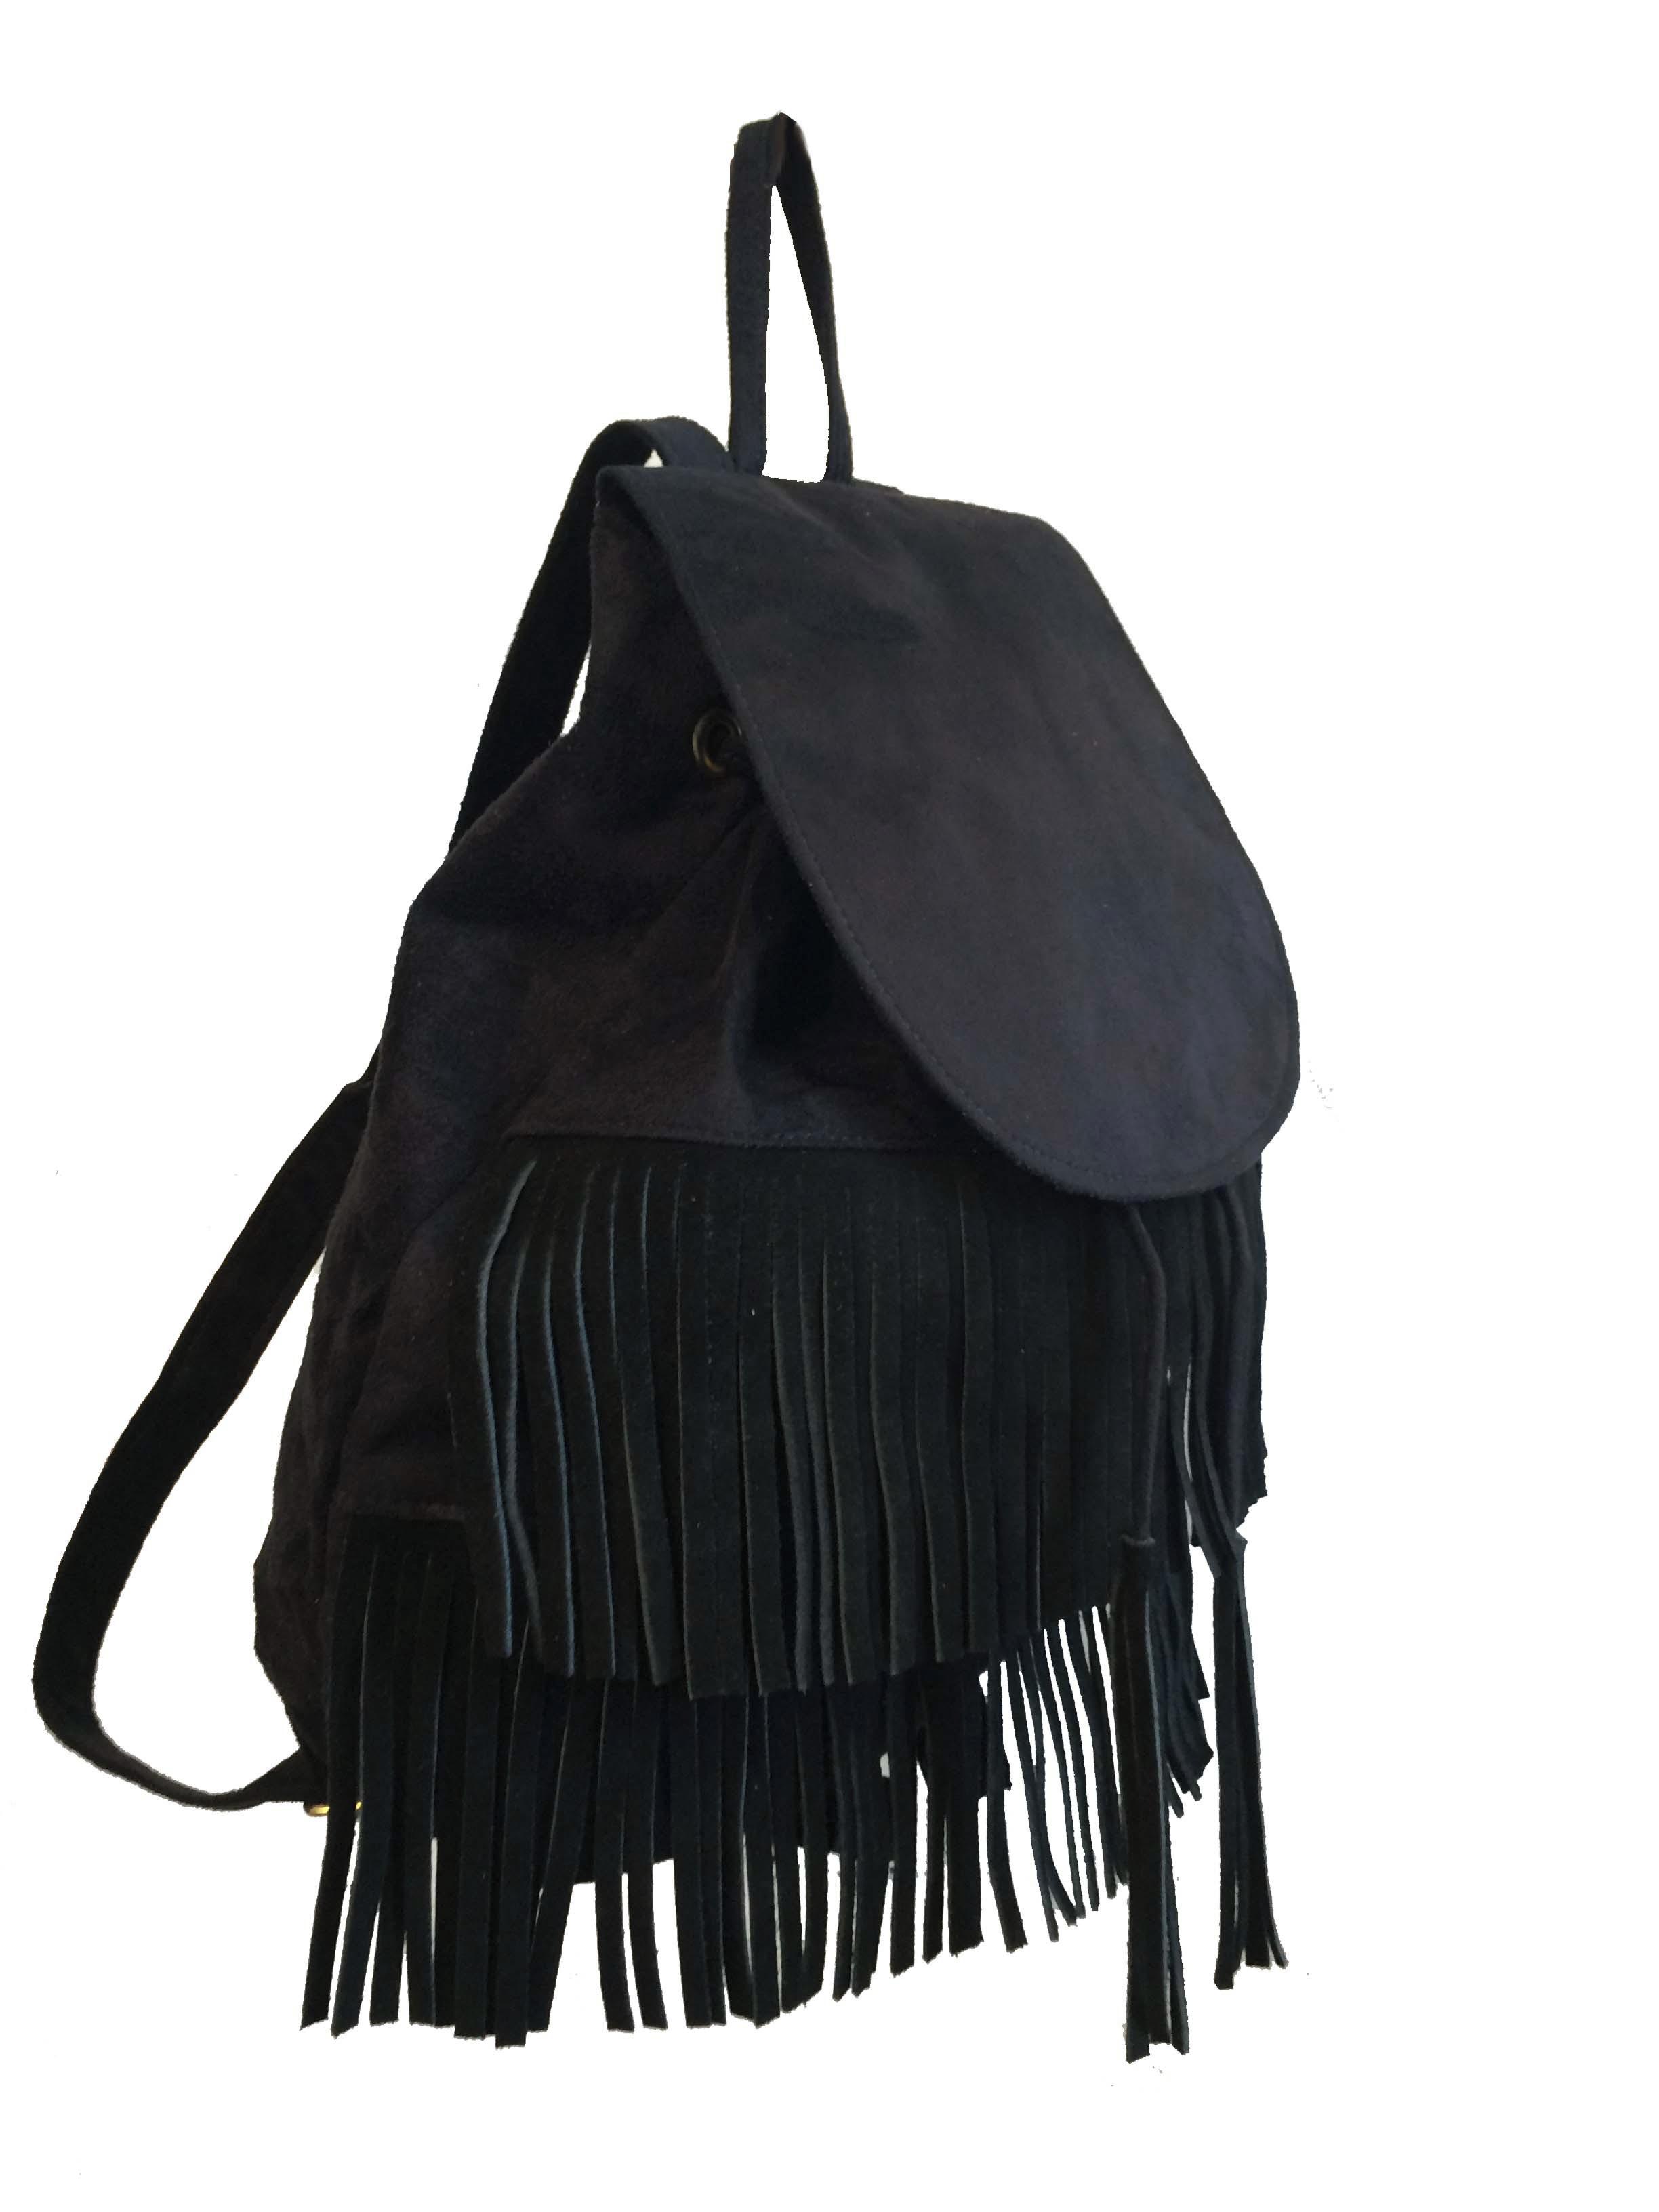 e6d236c86 Bolsa mochila feminina preta com franjas e alças reguláveis no Elo7 | Meu  tio que fez S2 (D4DC54)